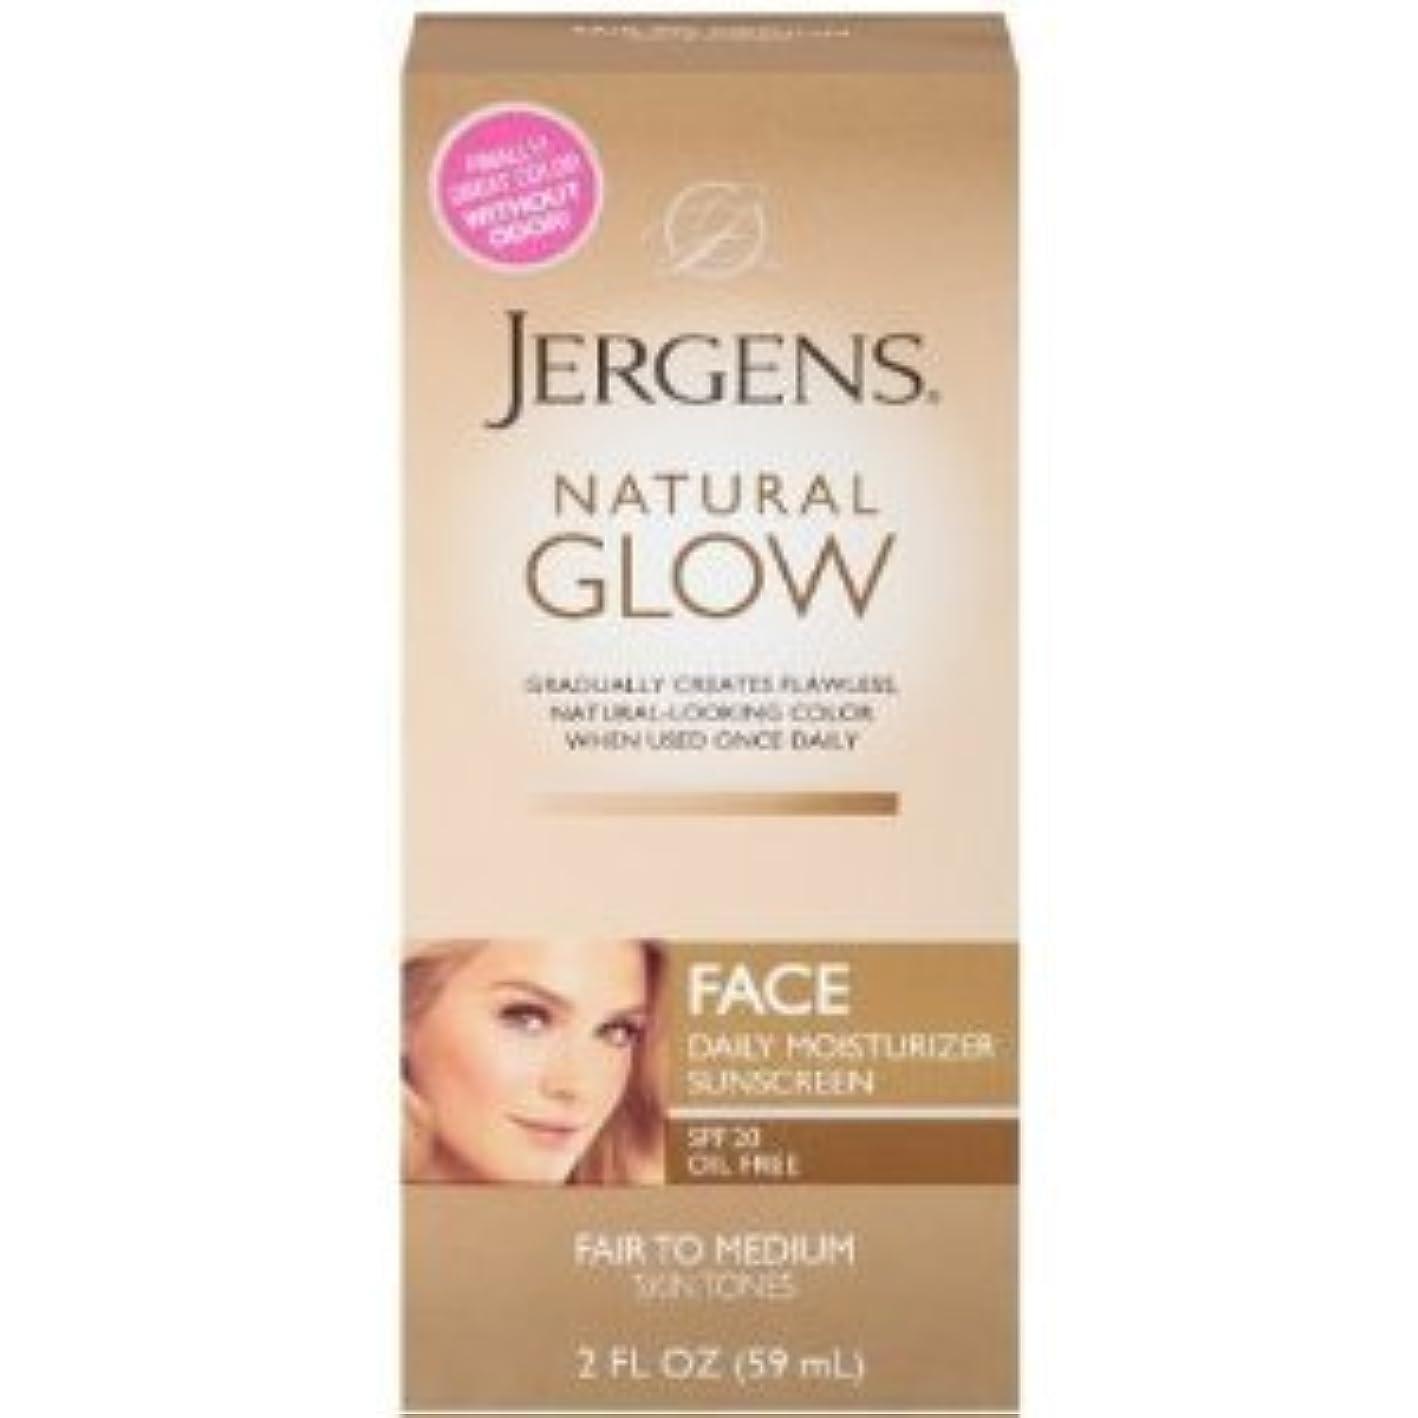 新しさ出口球体Natural Glow Healthy Complexion Daily Facial Moisturizer, SPF 20, Fair to Medium Tan, (59ml) (海外直送品)